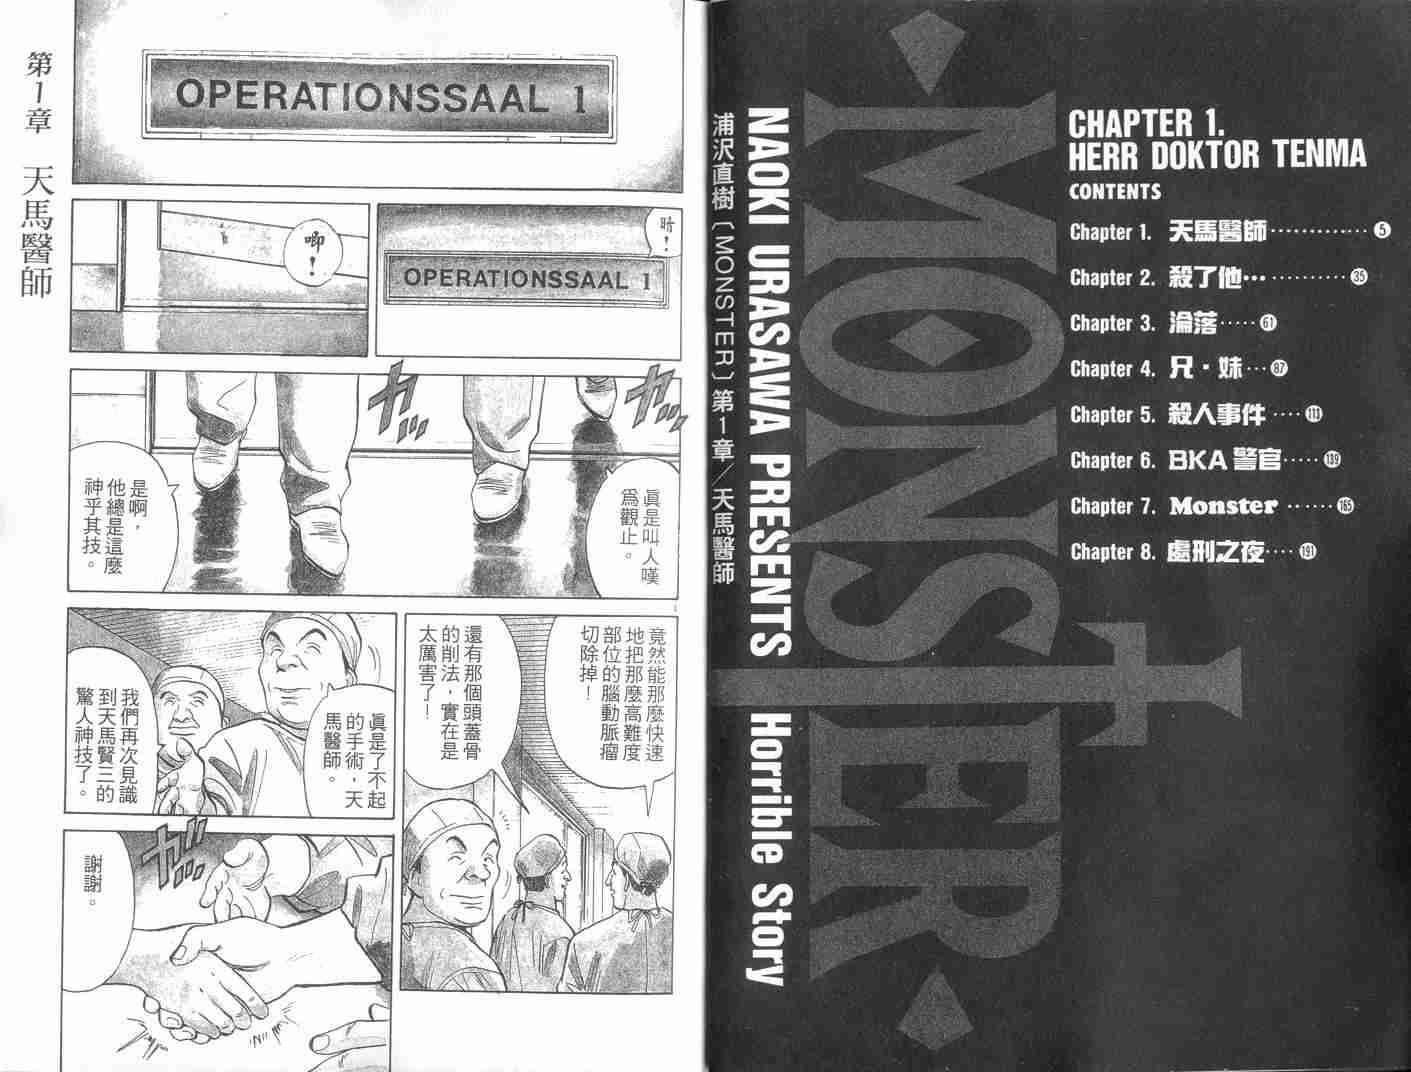 【漫画下载】【MONSTER】日漫全集--浦泽直树 动漫下载-第1张